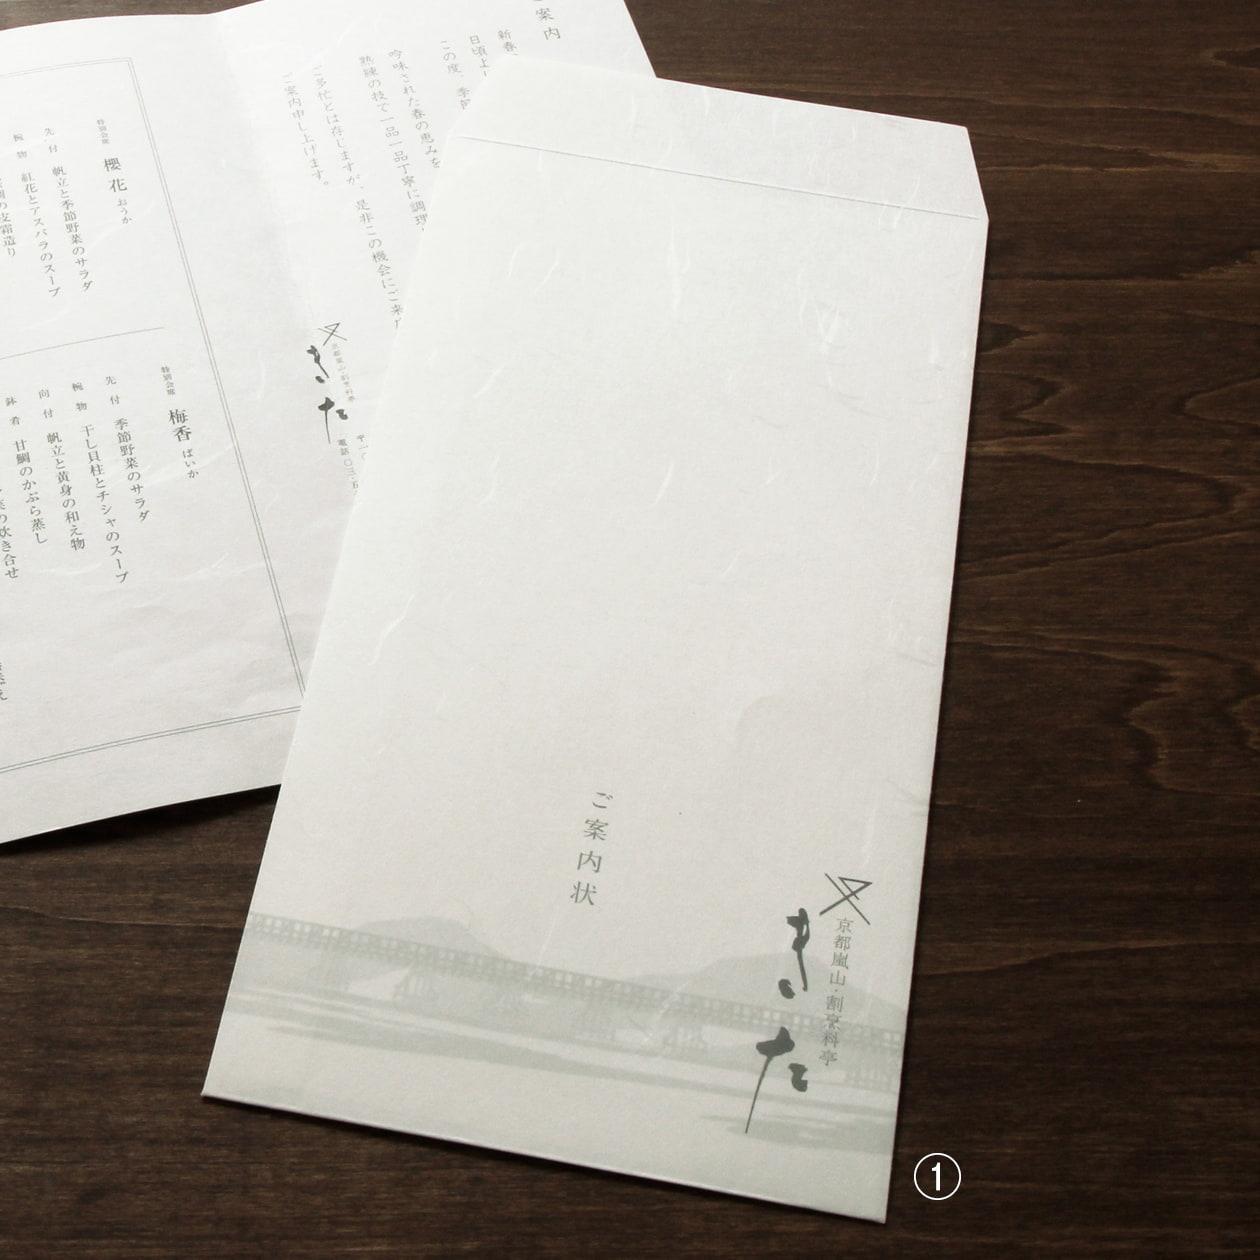 純和風のイメージ、お手紙風ご案内状